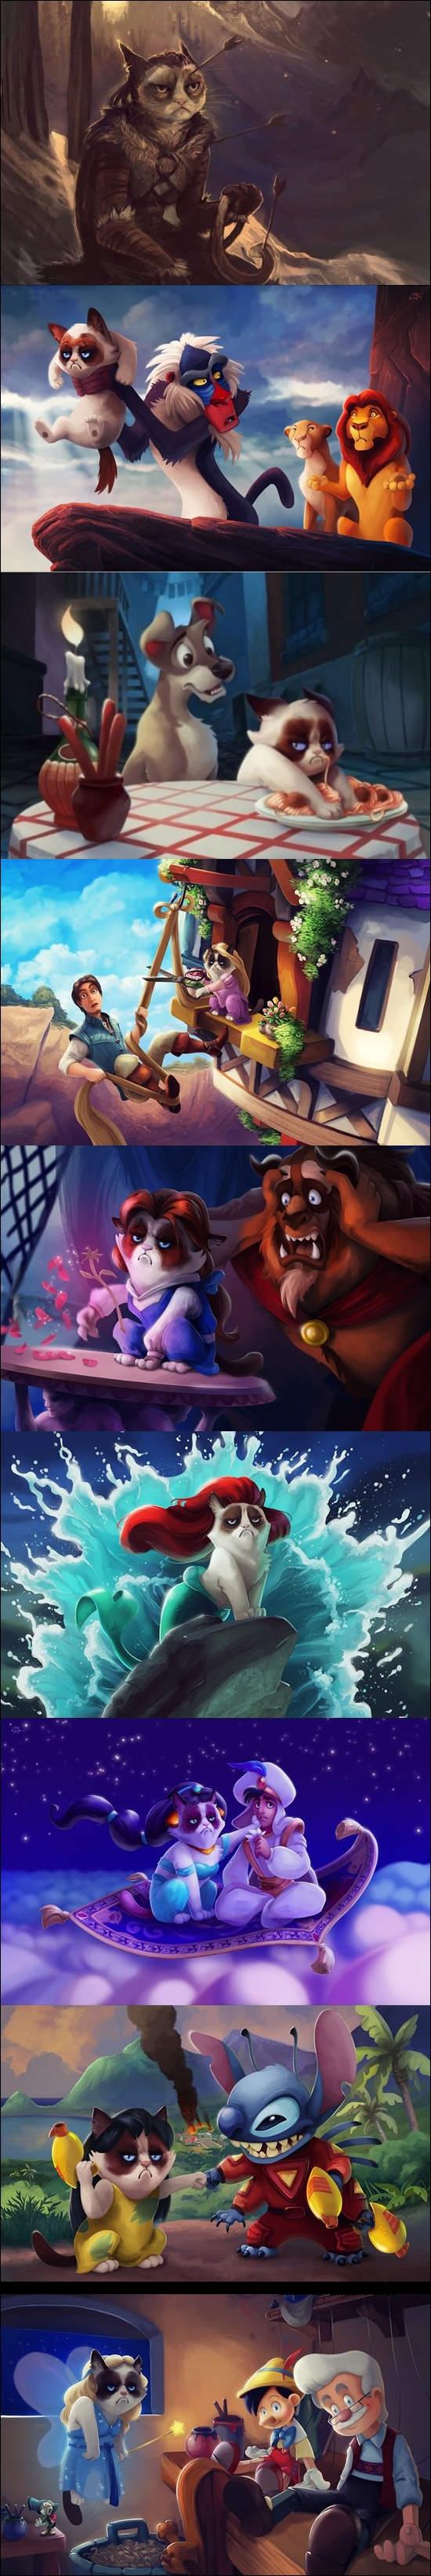 Grumpy_cat - Grumpy no sería el mejor prota de una peli Disney